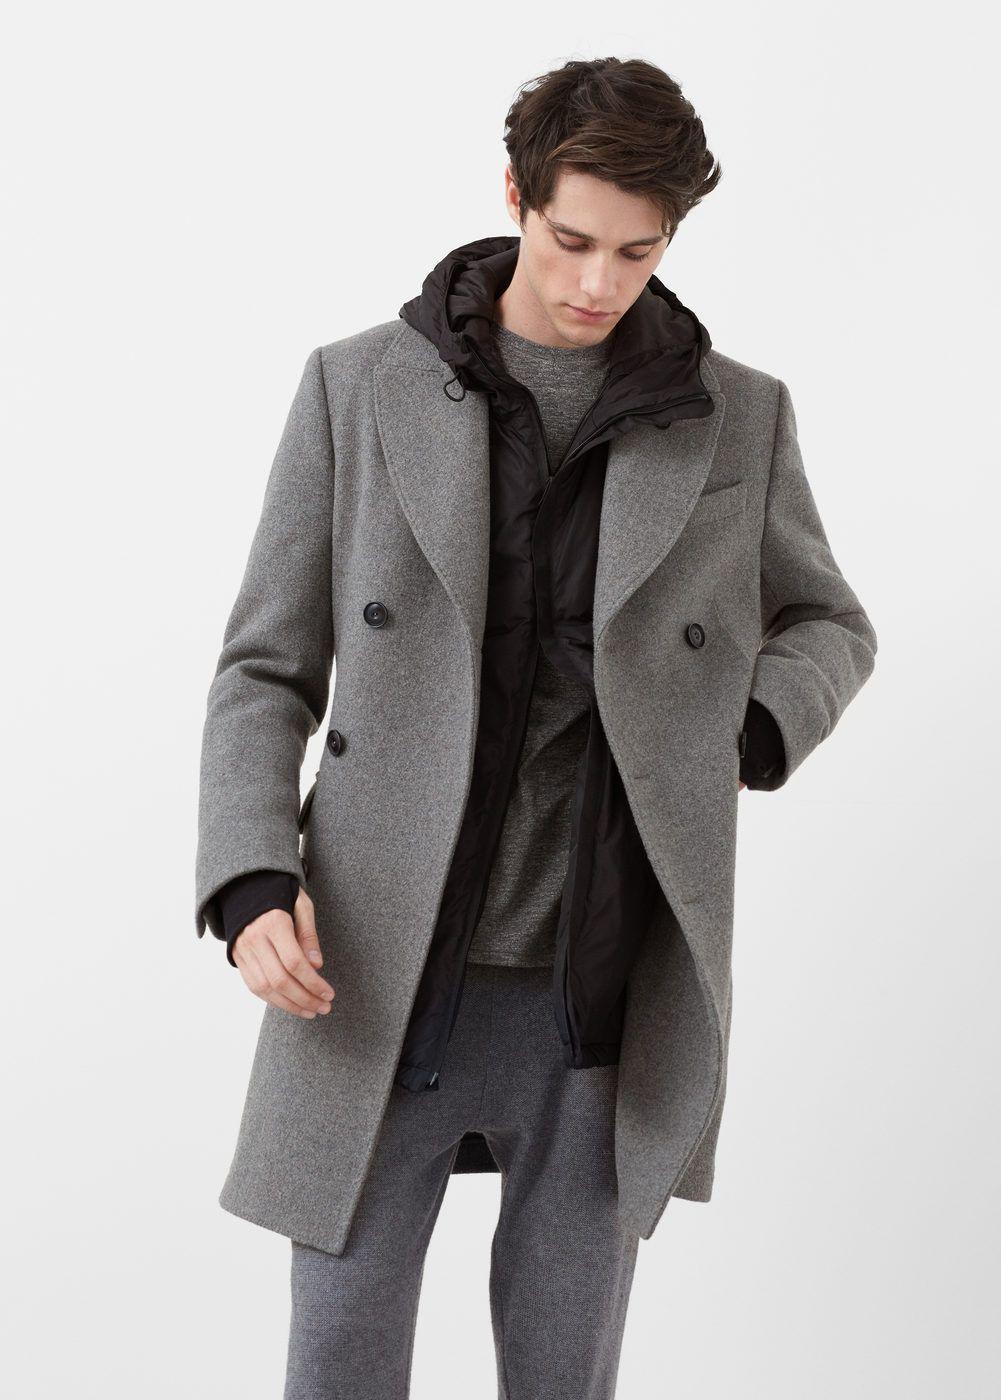 el precio más bajo Últimas tendencias gama muy codiciada de Abrigo largo tailored lana - Hombre | Abrigos | Outfits ...